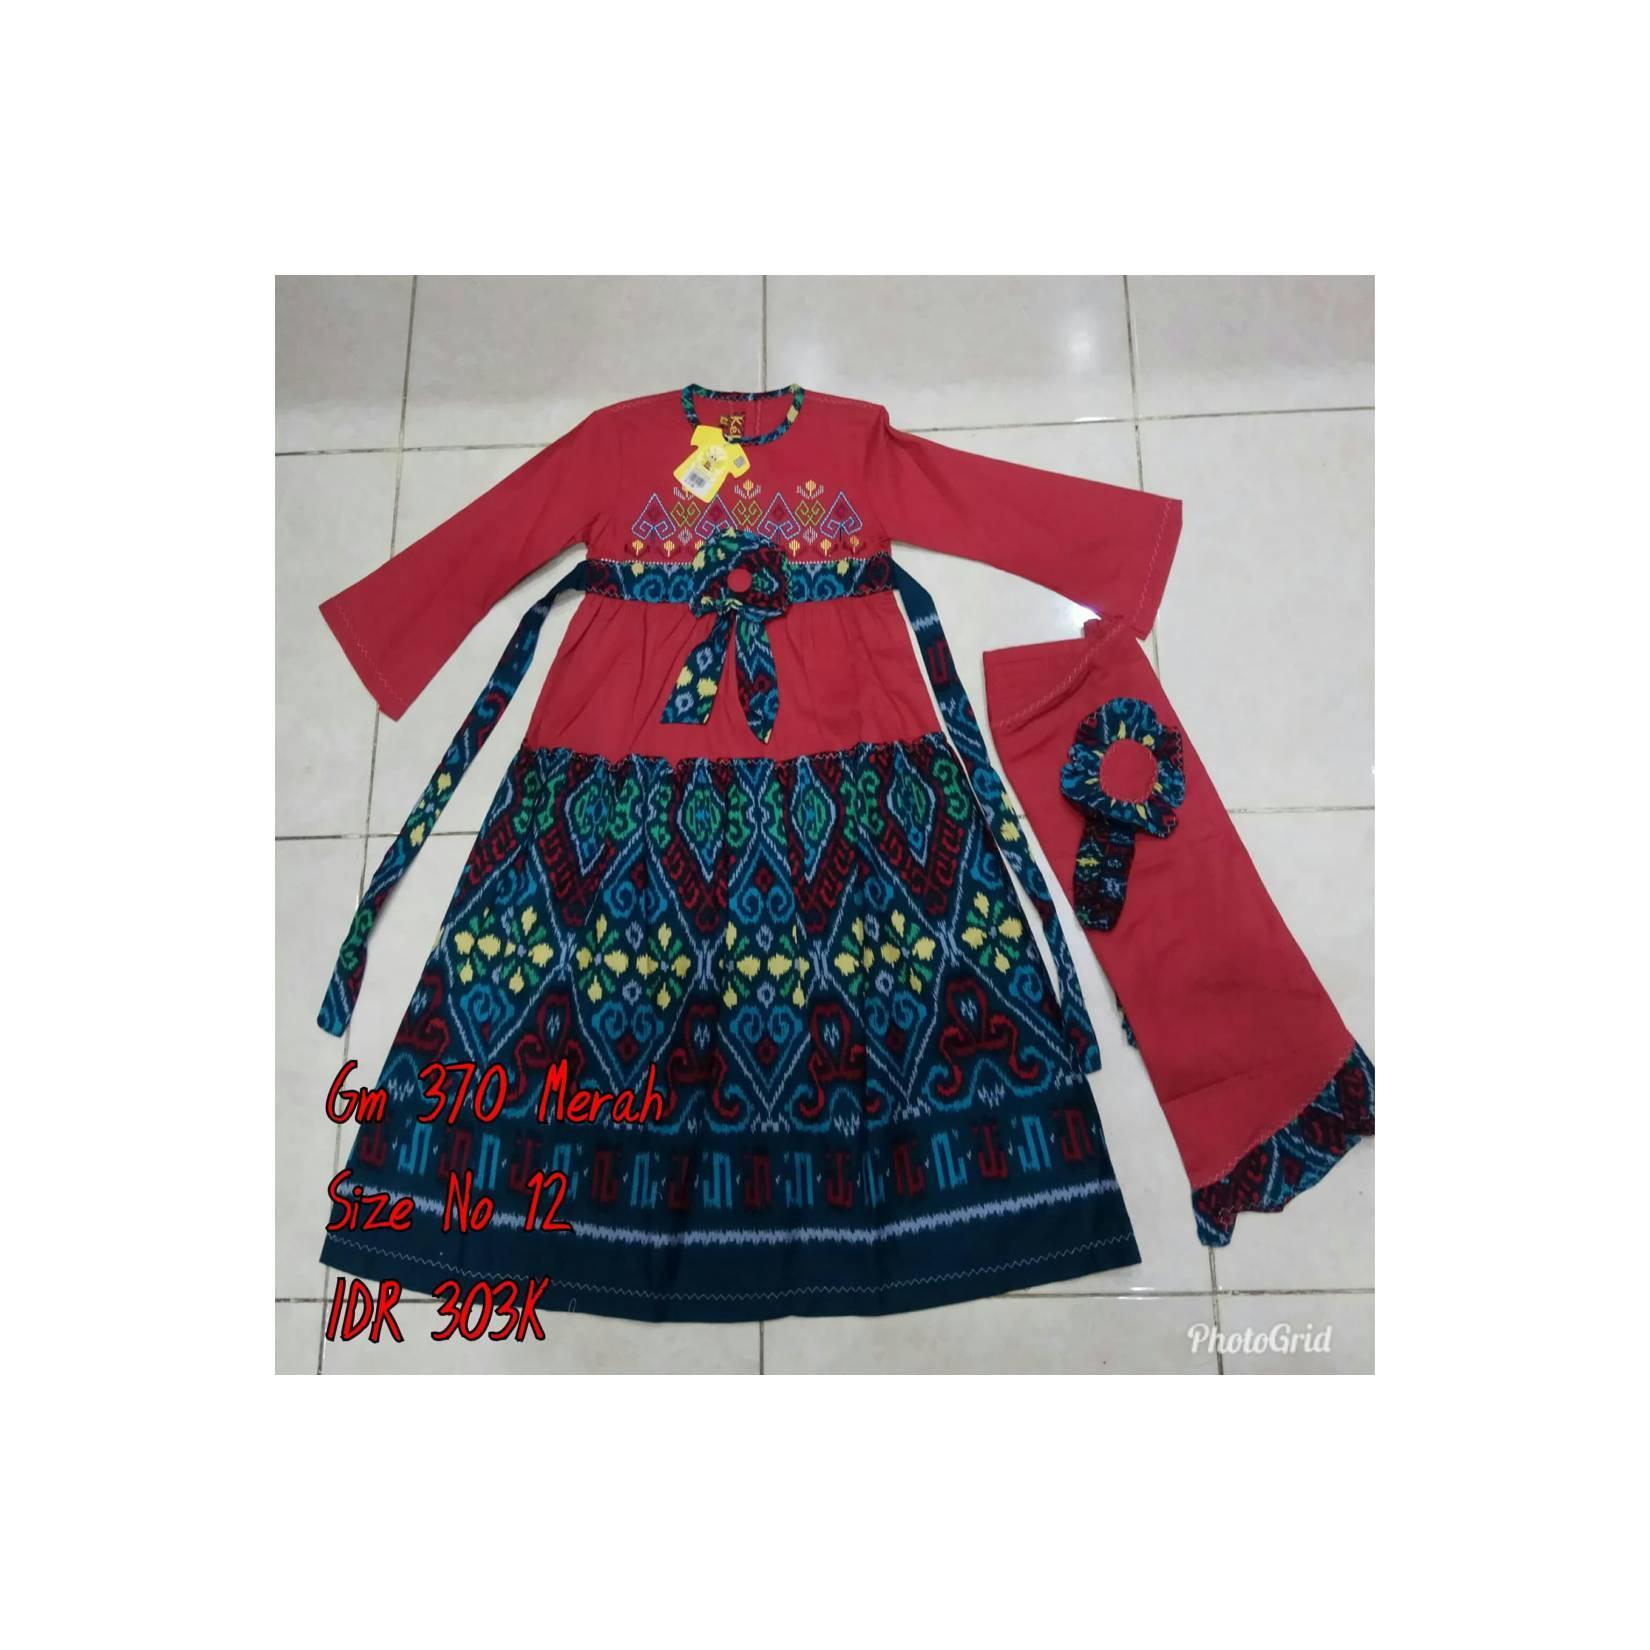 Keke Baju Anak Muslim GM 370 Merah No12 Diskon / Sale / Obral 25%